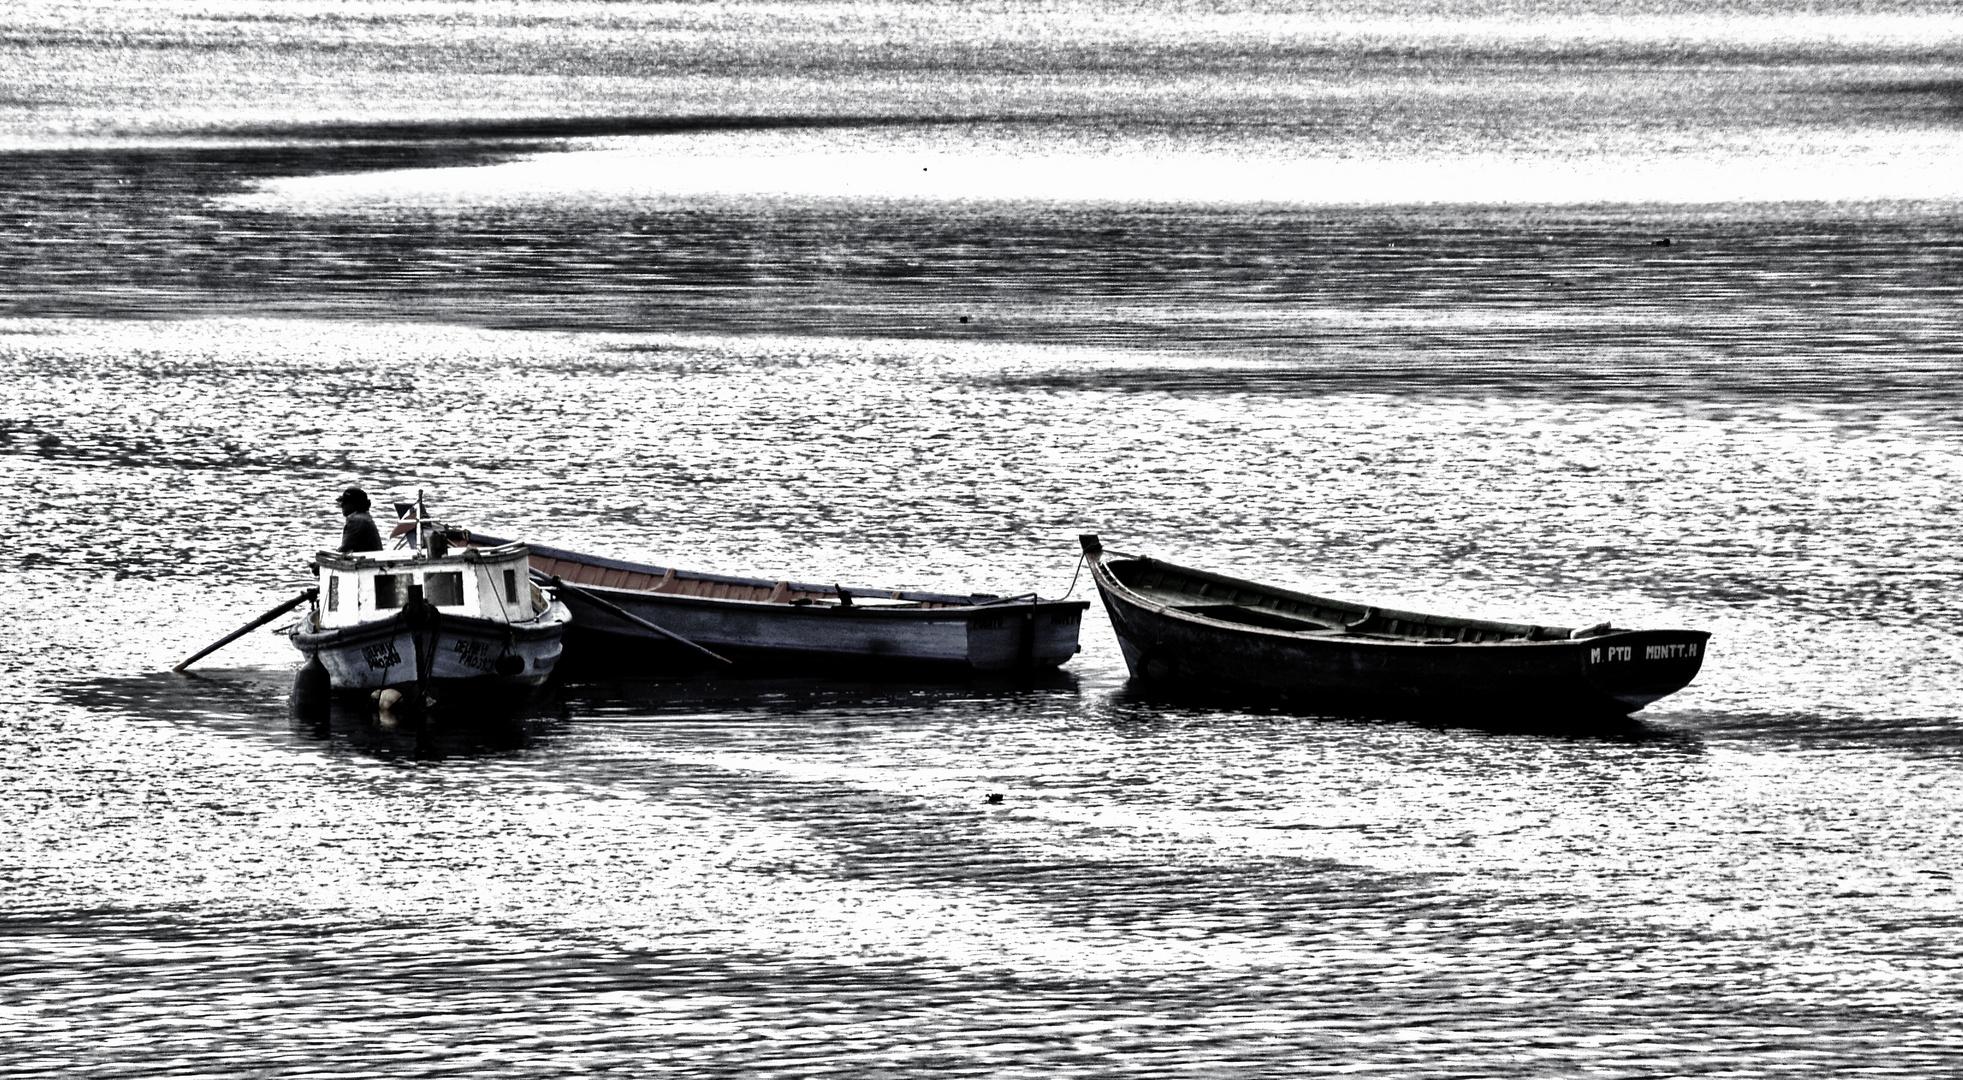 fischer in puerto montt